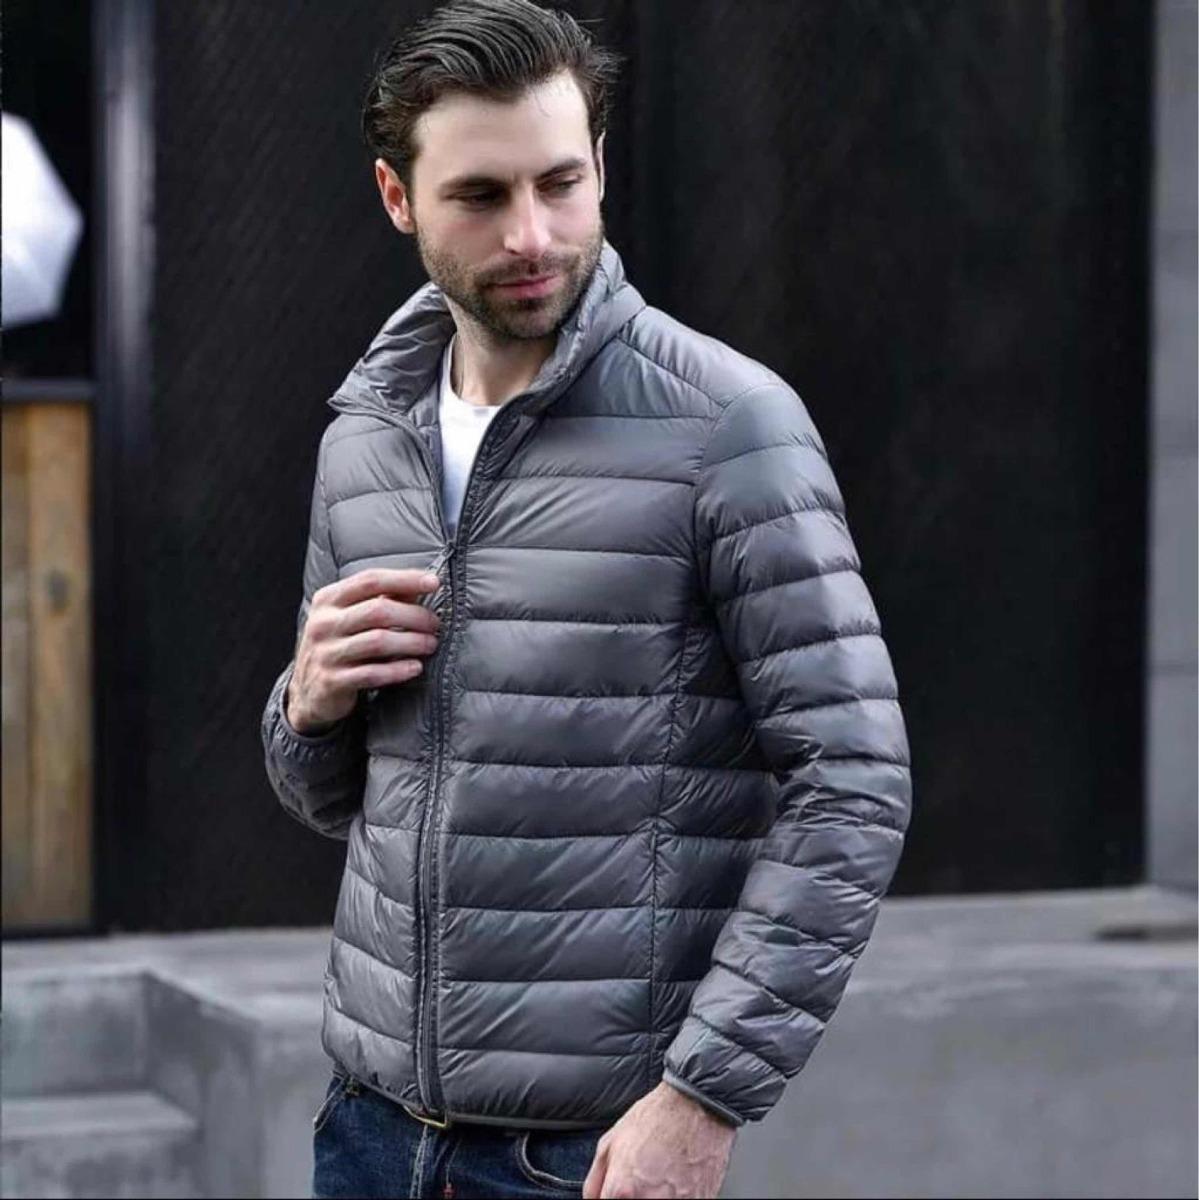 1646782f8e7 chaqueta-plumas-hombre-con -bolsa-para-guardar-gris-D NQ NP 882918-MCO28207430244 092018-F.jpg